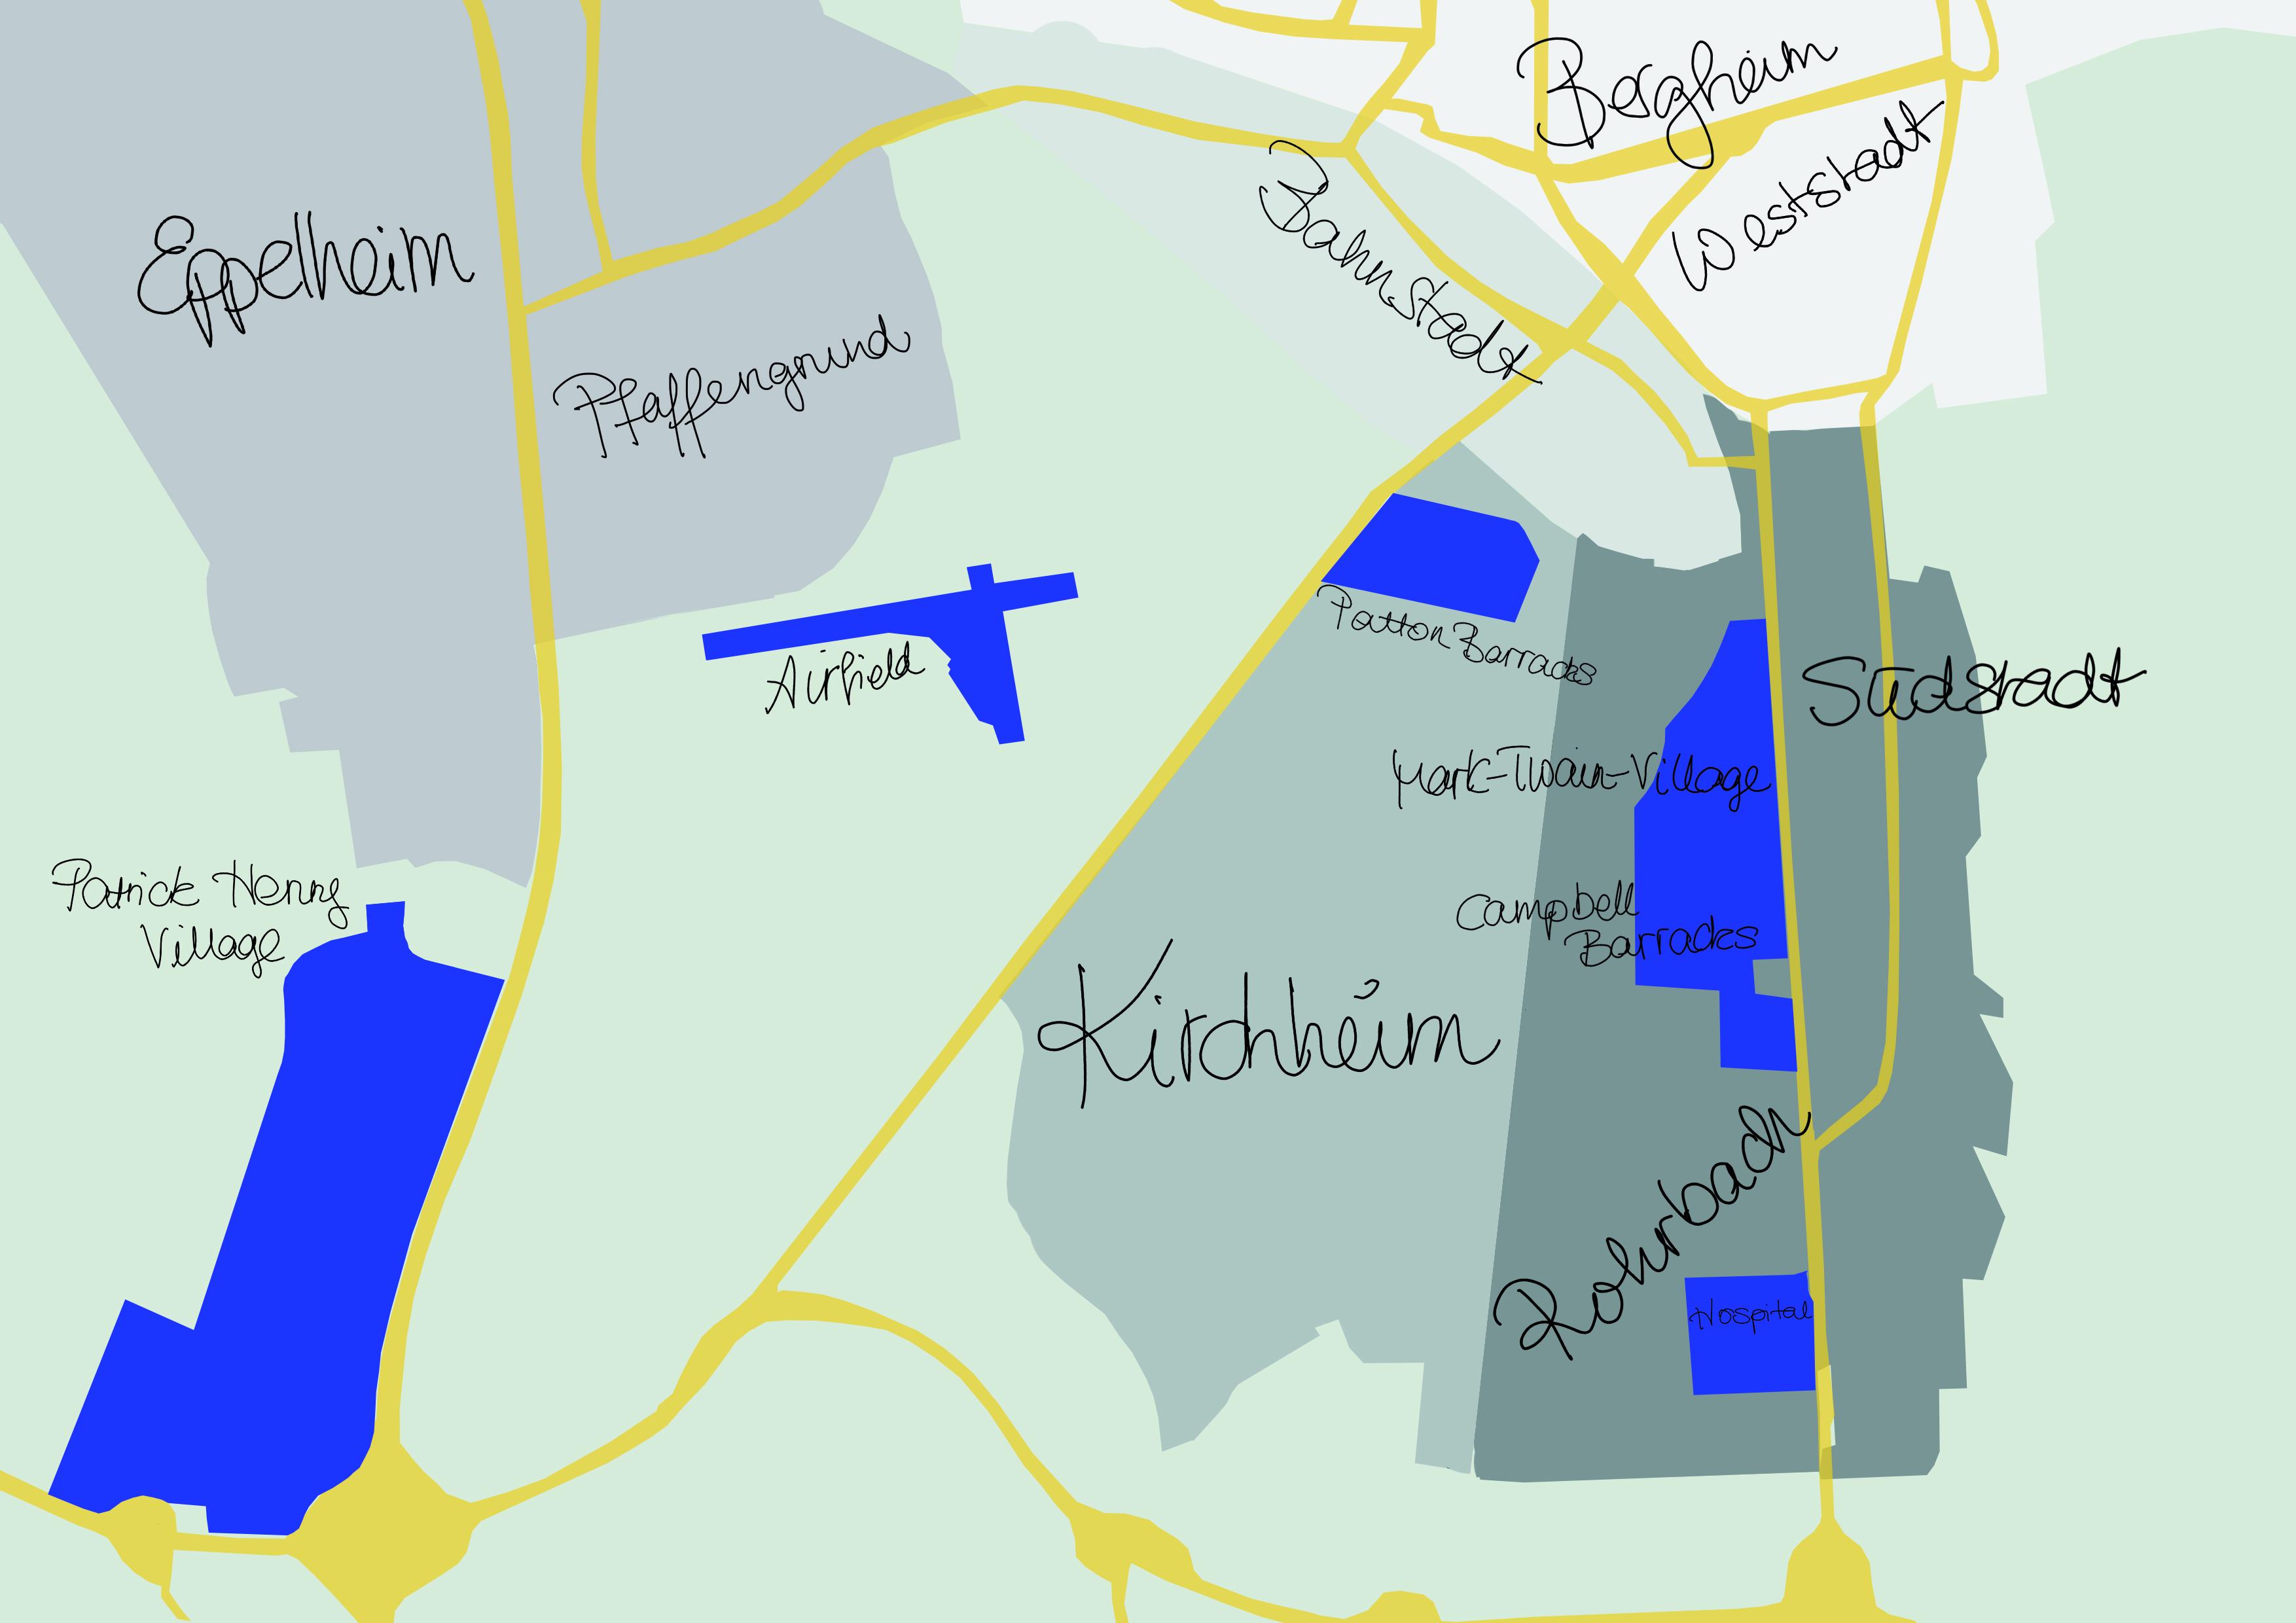 Die Heidelberger Konversionsflächen. Grafik: Verena Mengen